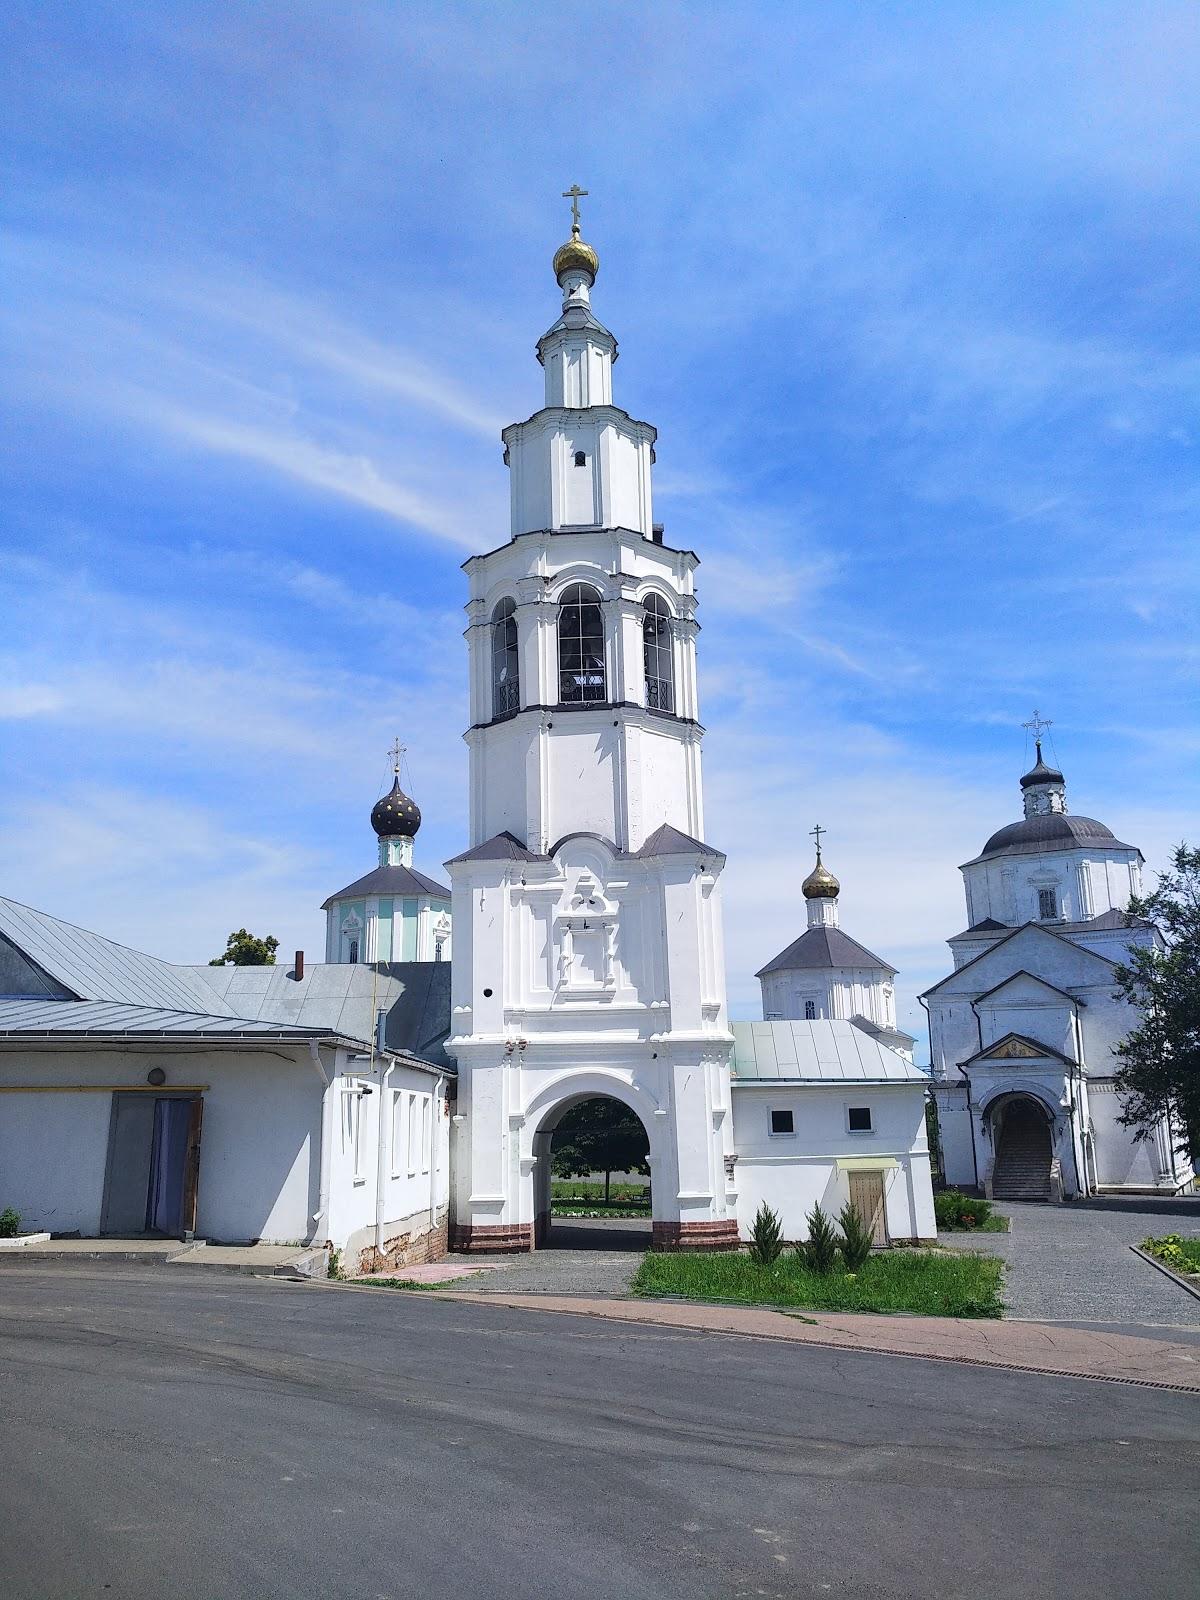 Рыльский Свято-Николаевский мужской монастырь